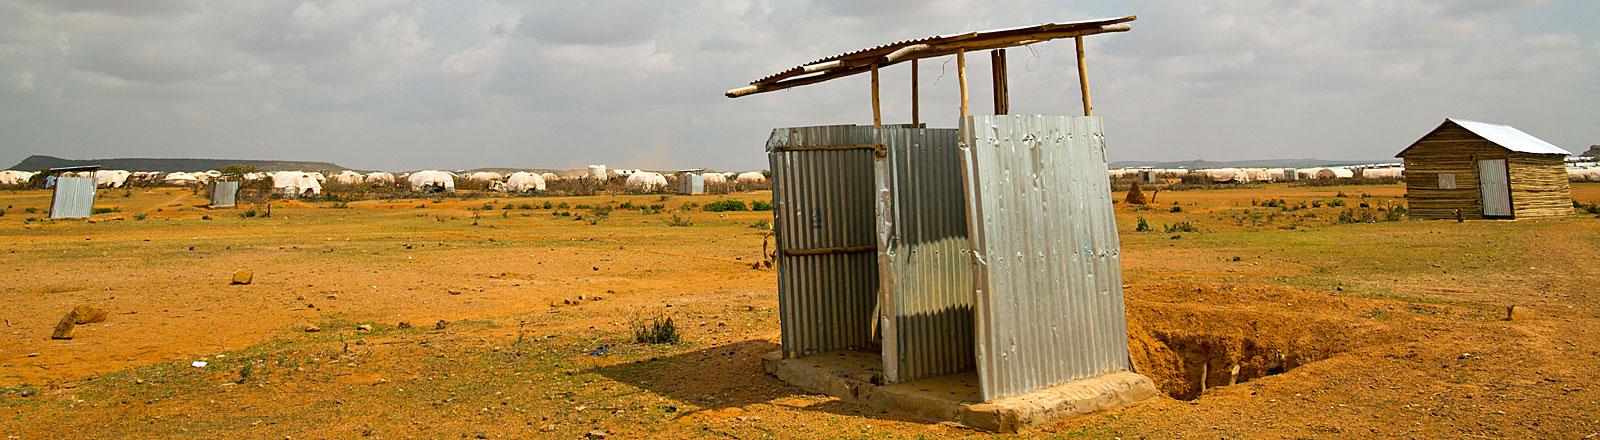 Eine Latrine steht am 29.11.2012 in der Landschaft des Flüchtlingslager Kobe in Dolo Ado, Äthiopien.